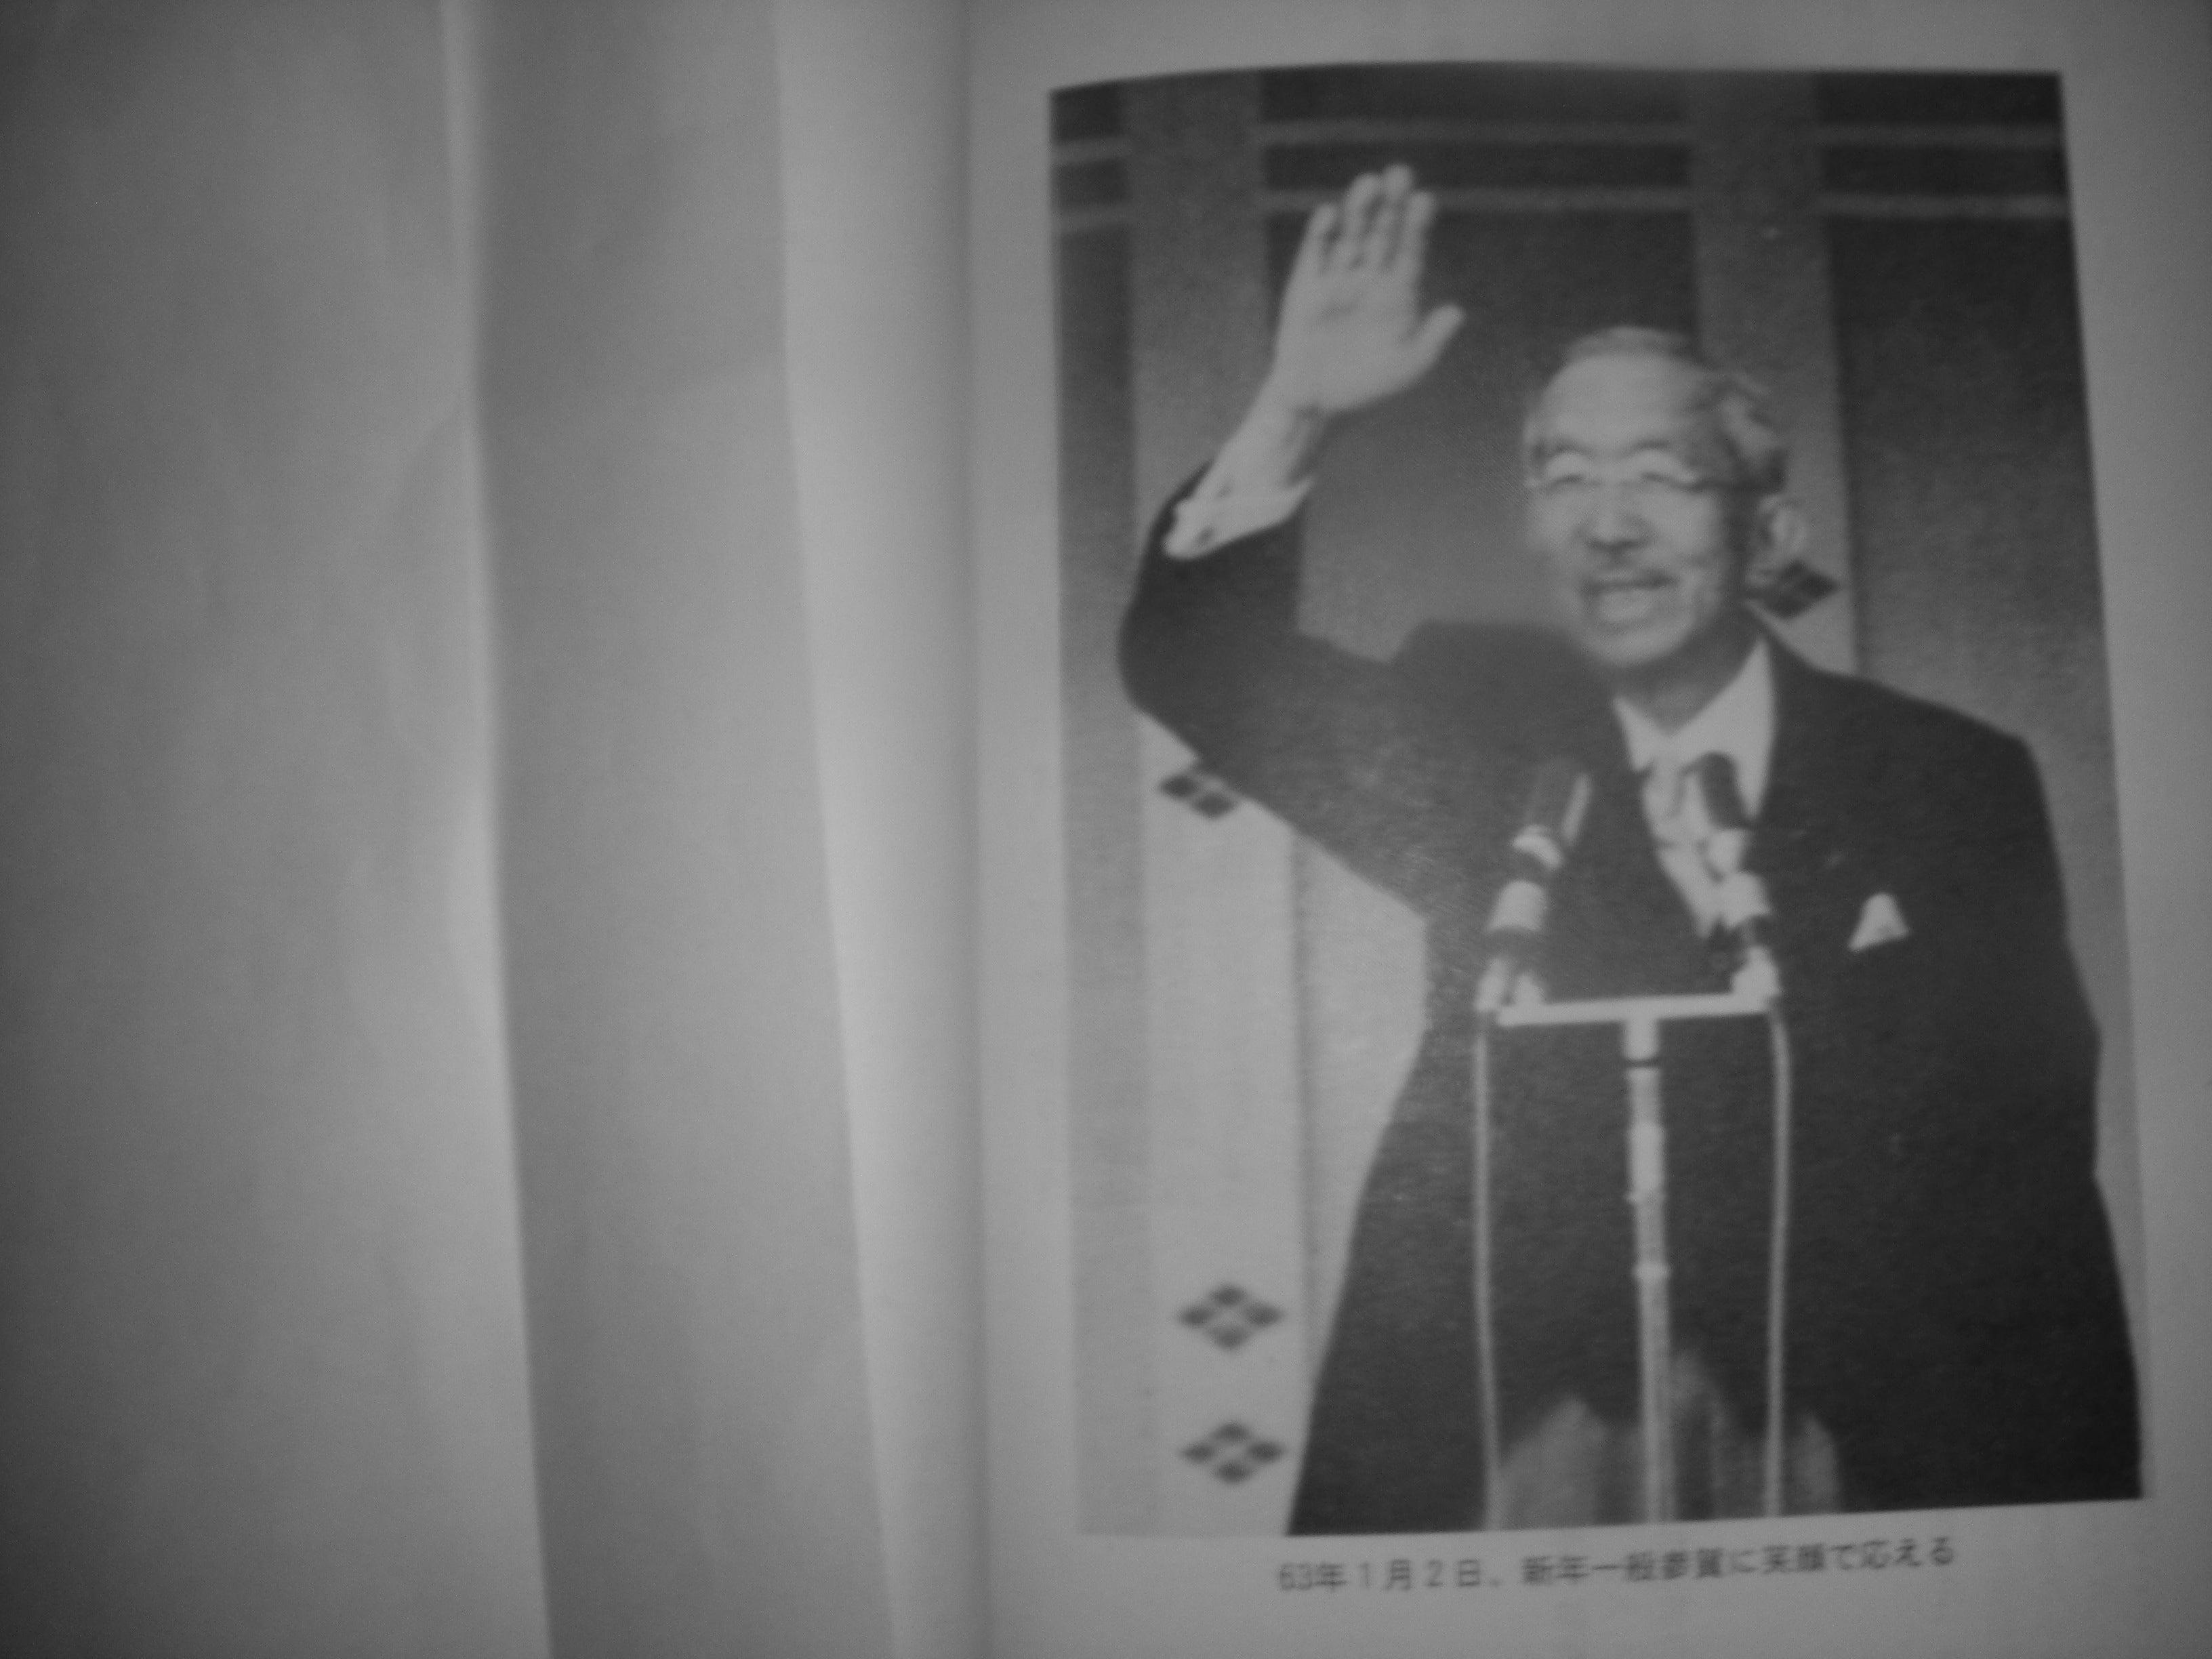 大日本昭和十四年_裕仁が戦争に反対していたなんて大嘘だよ   猛虎一路